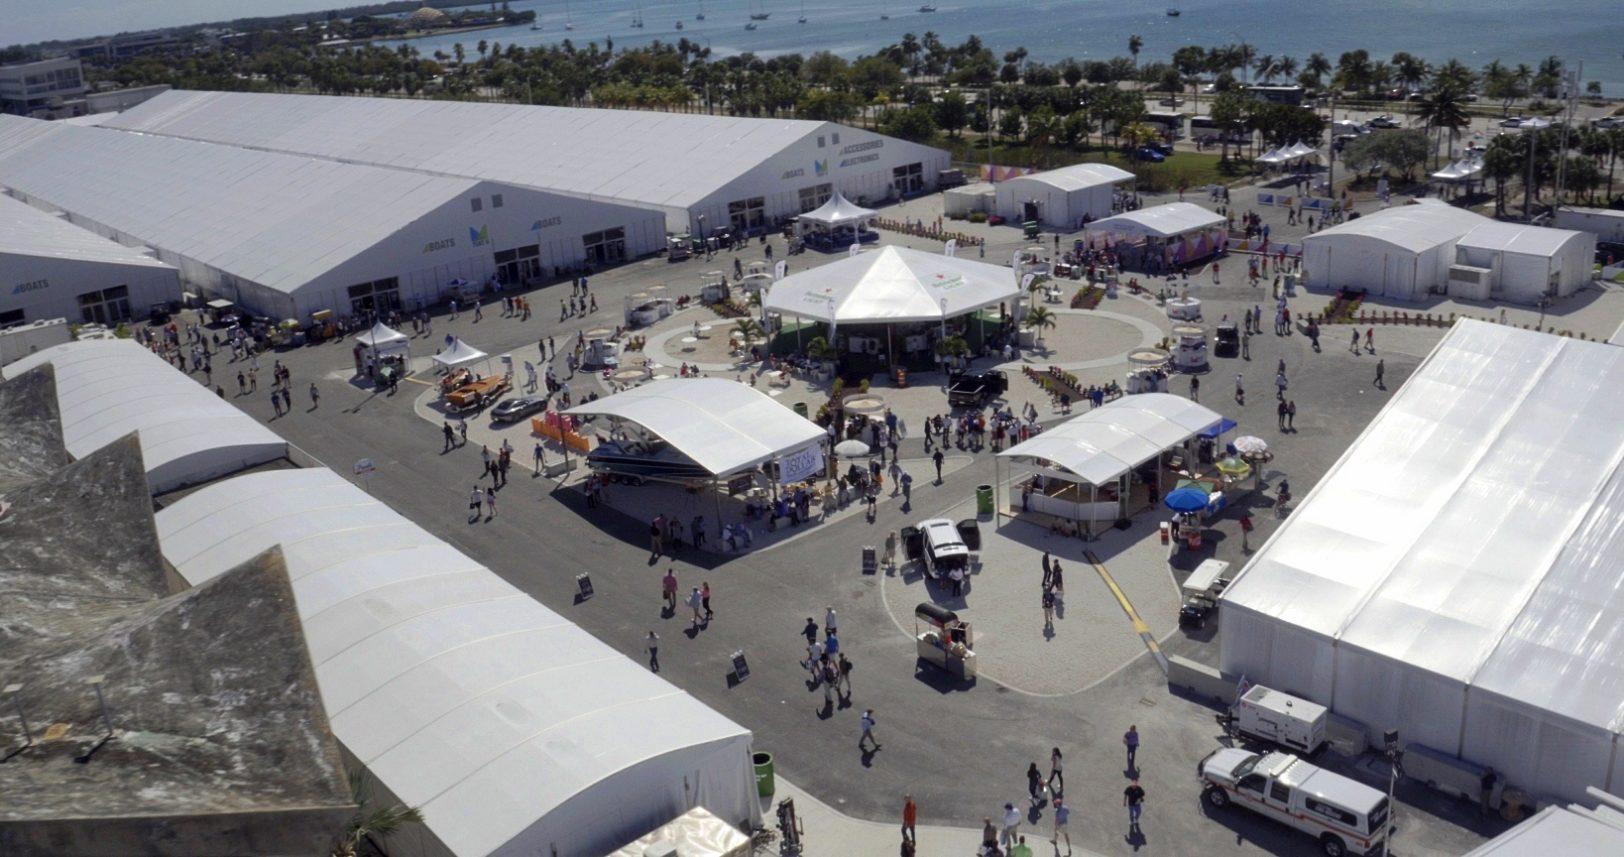 Miami Boat show 2019 - 04R